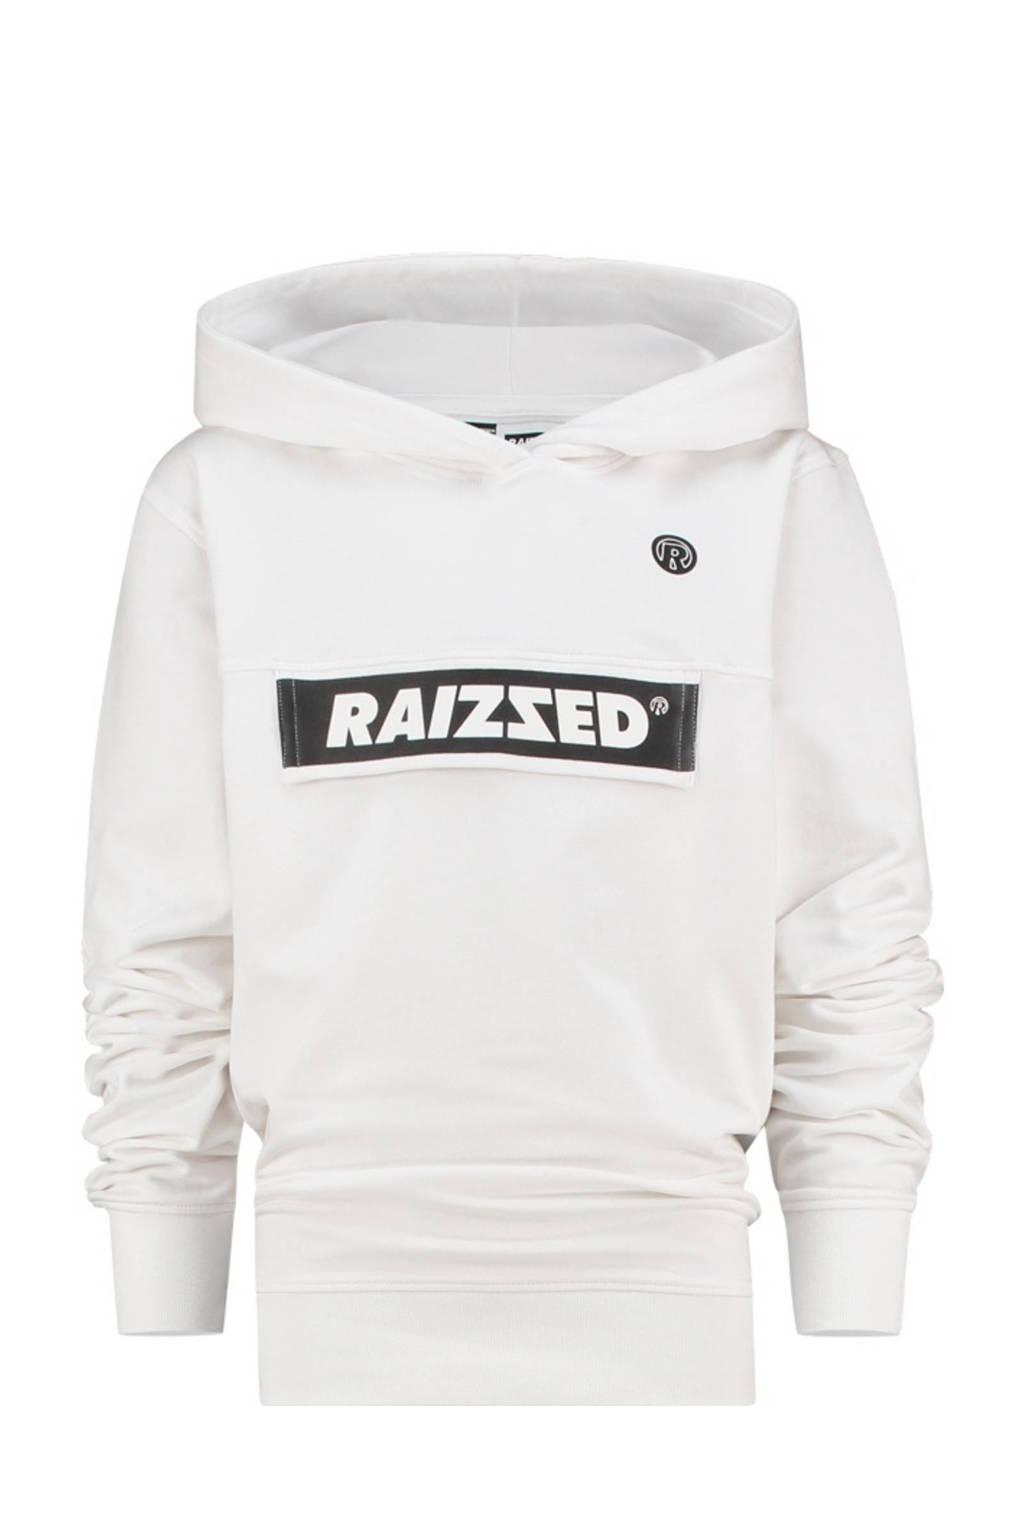 Raizzed hoodie Norwich met logo wit, Wit